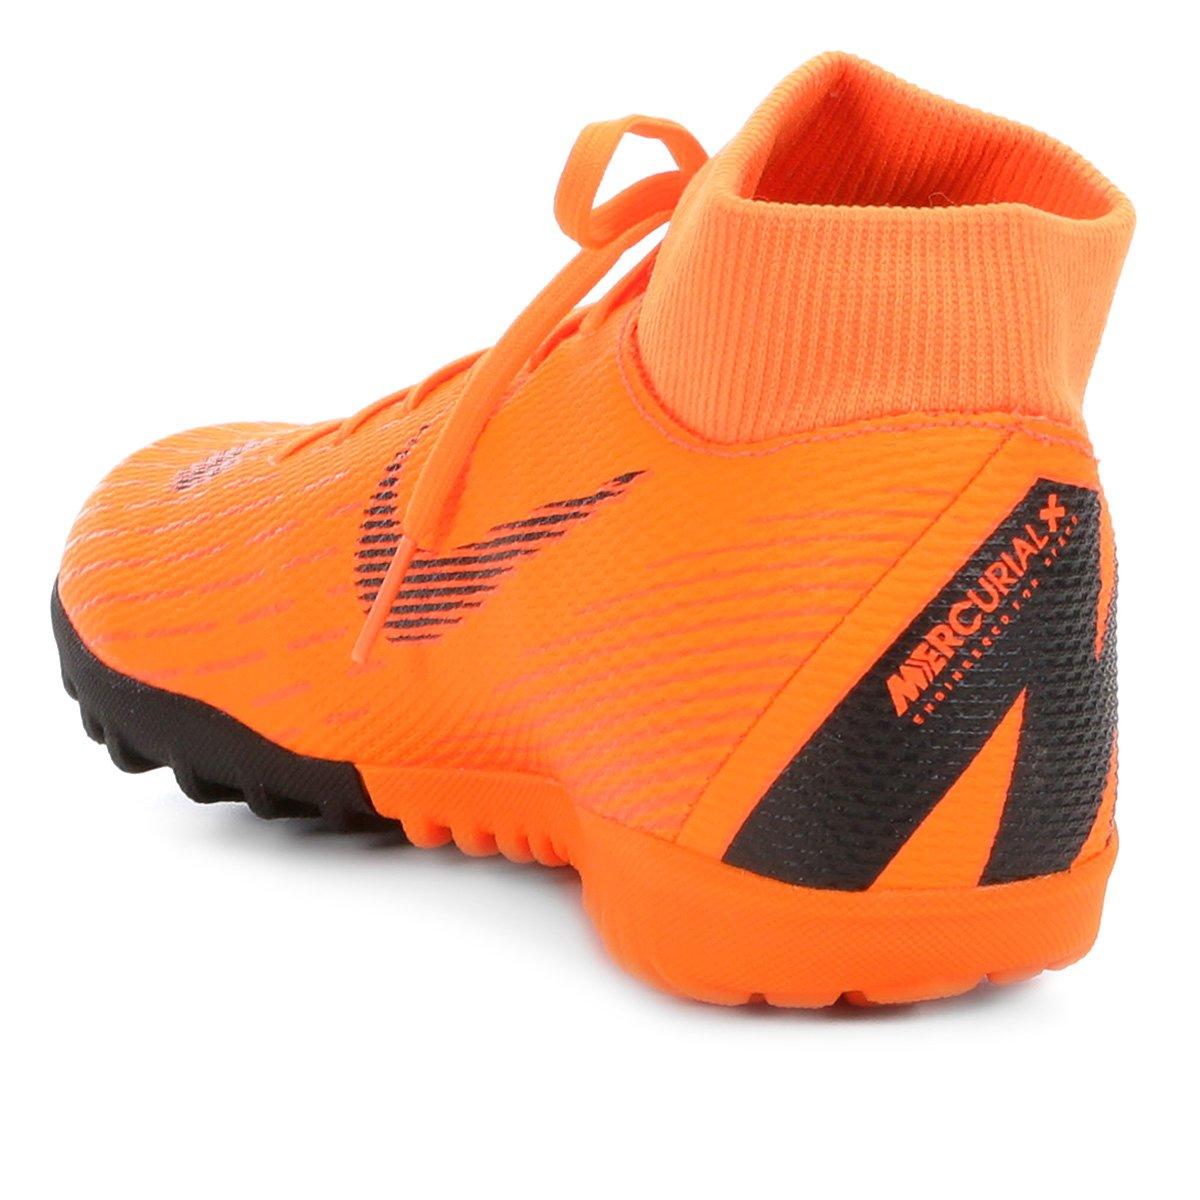 f03d73d338 Chuteira Society Nike Mercurial Superfly 6 Academy - Laranja e Preto ...